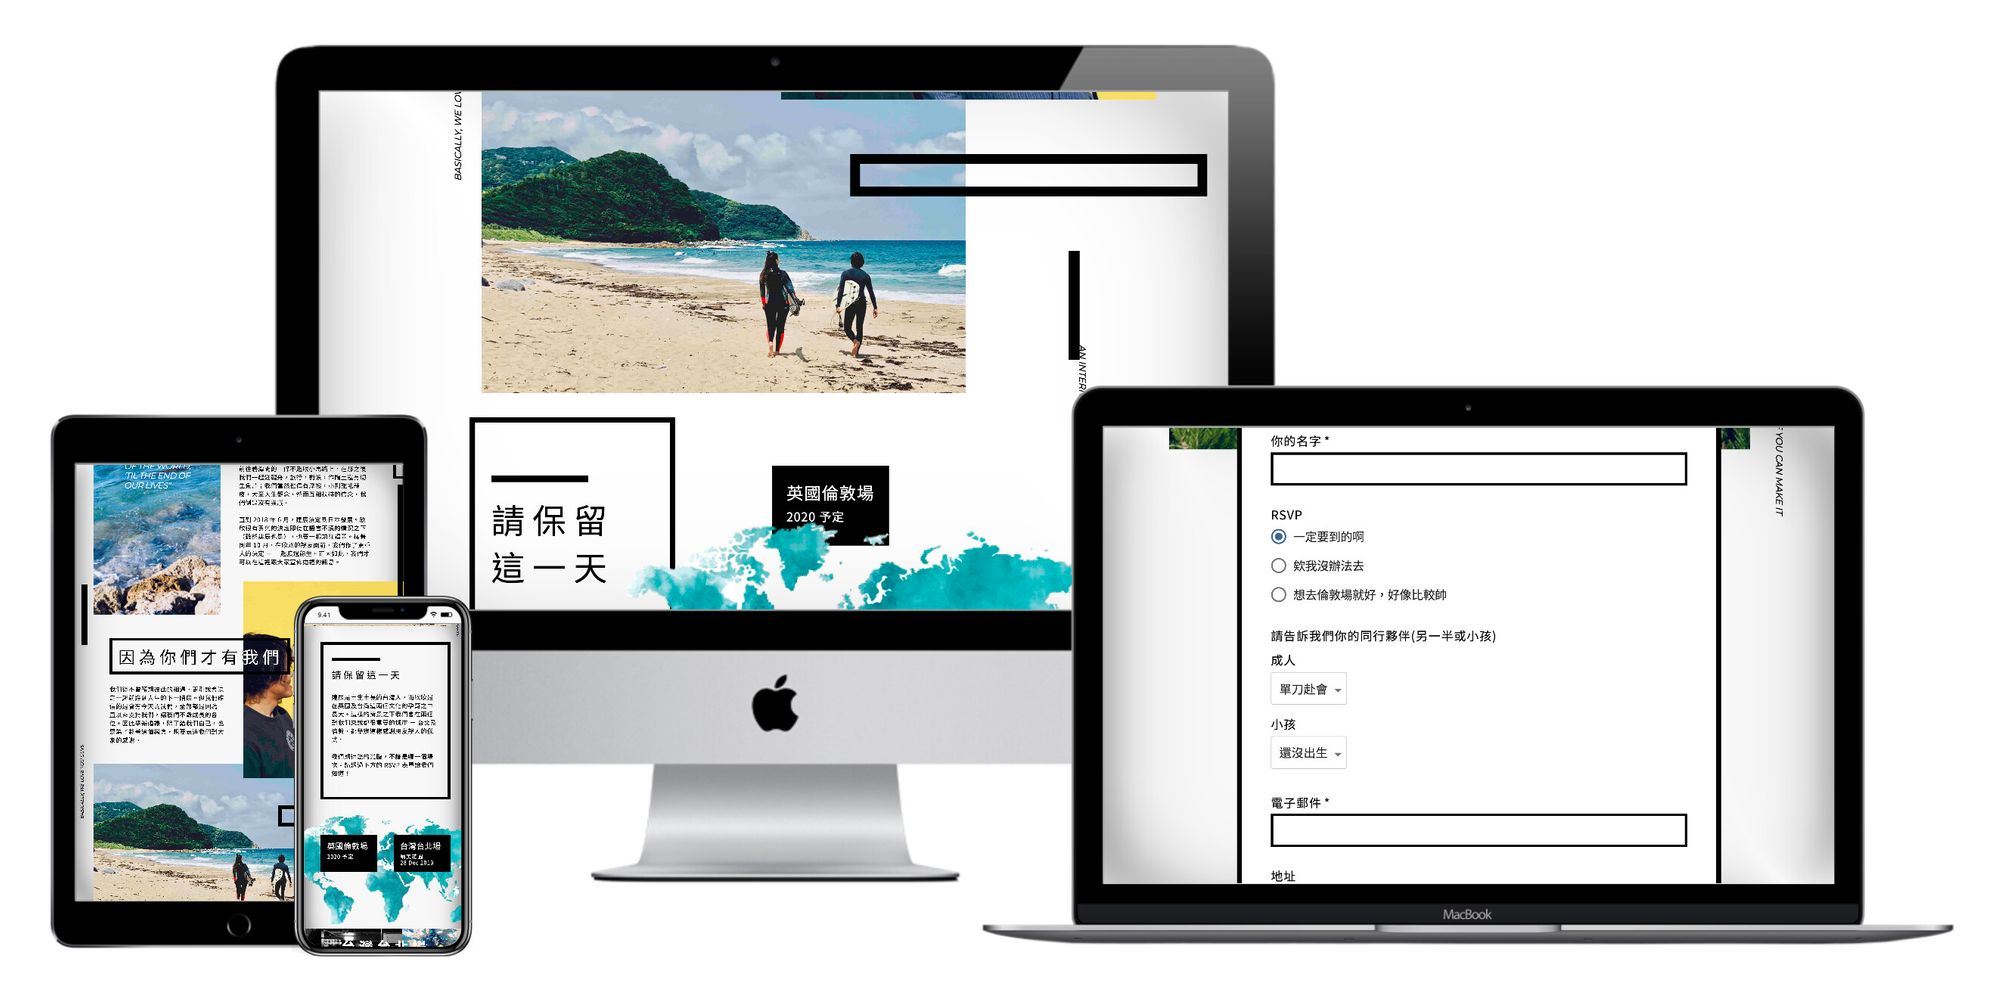 xwebsite